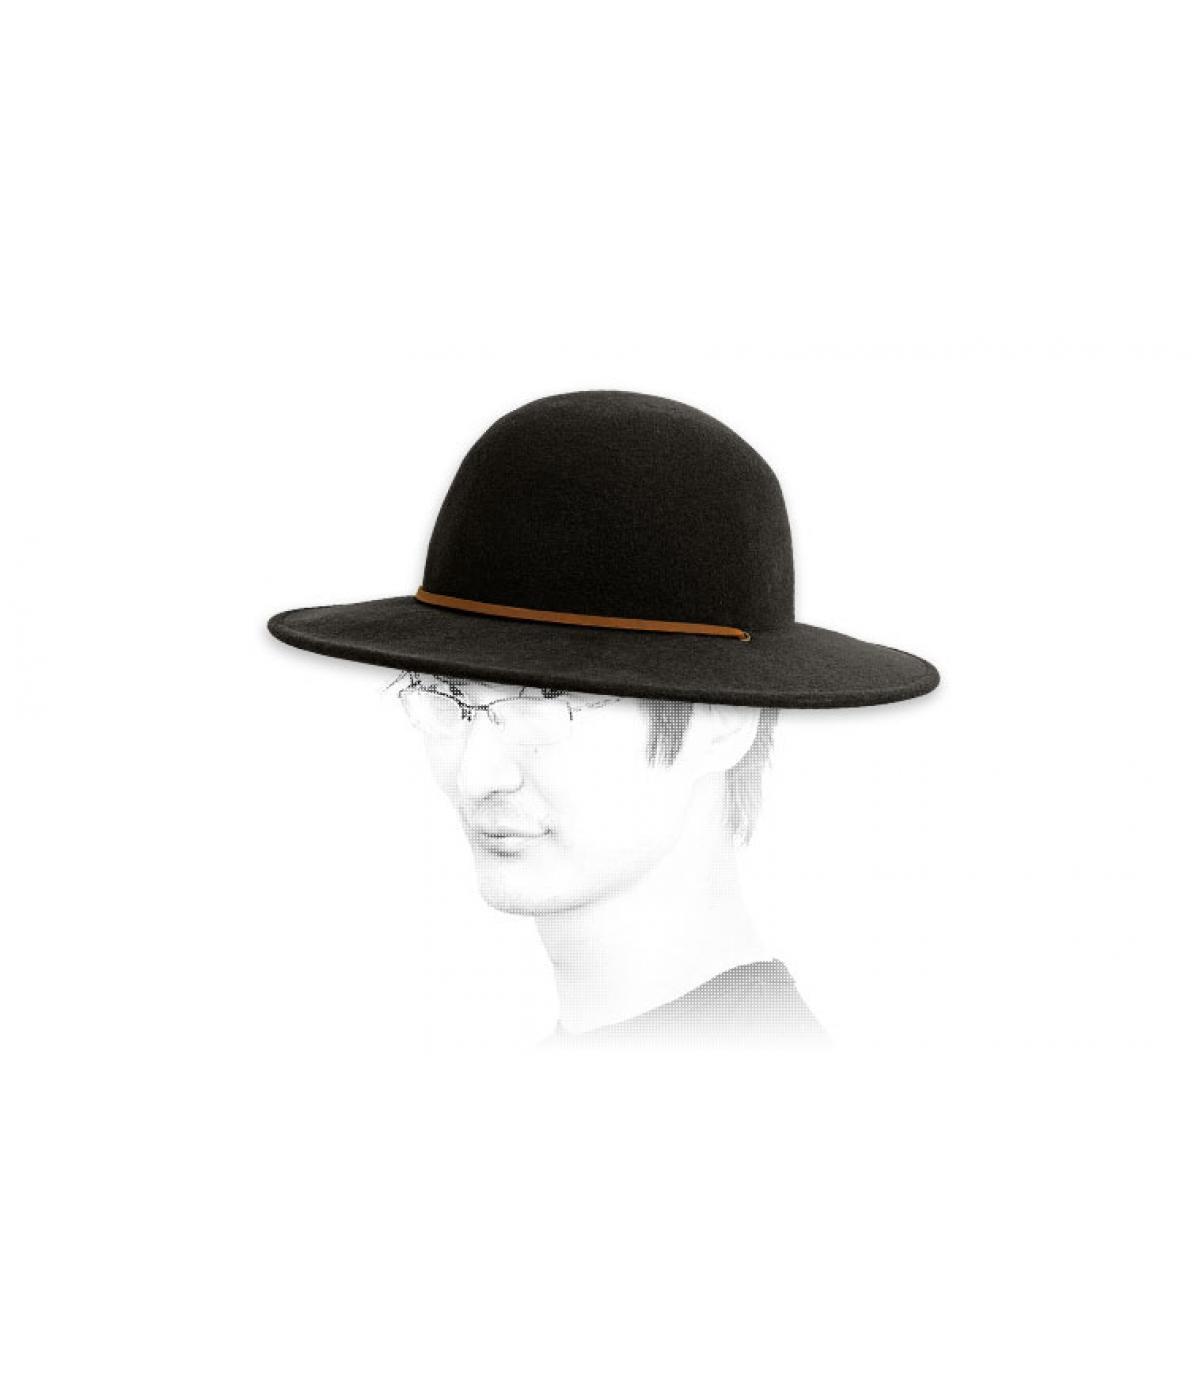 Details Tiller zwarte hoed - afbeeling 3